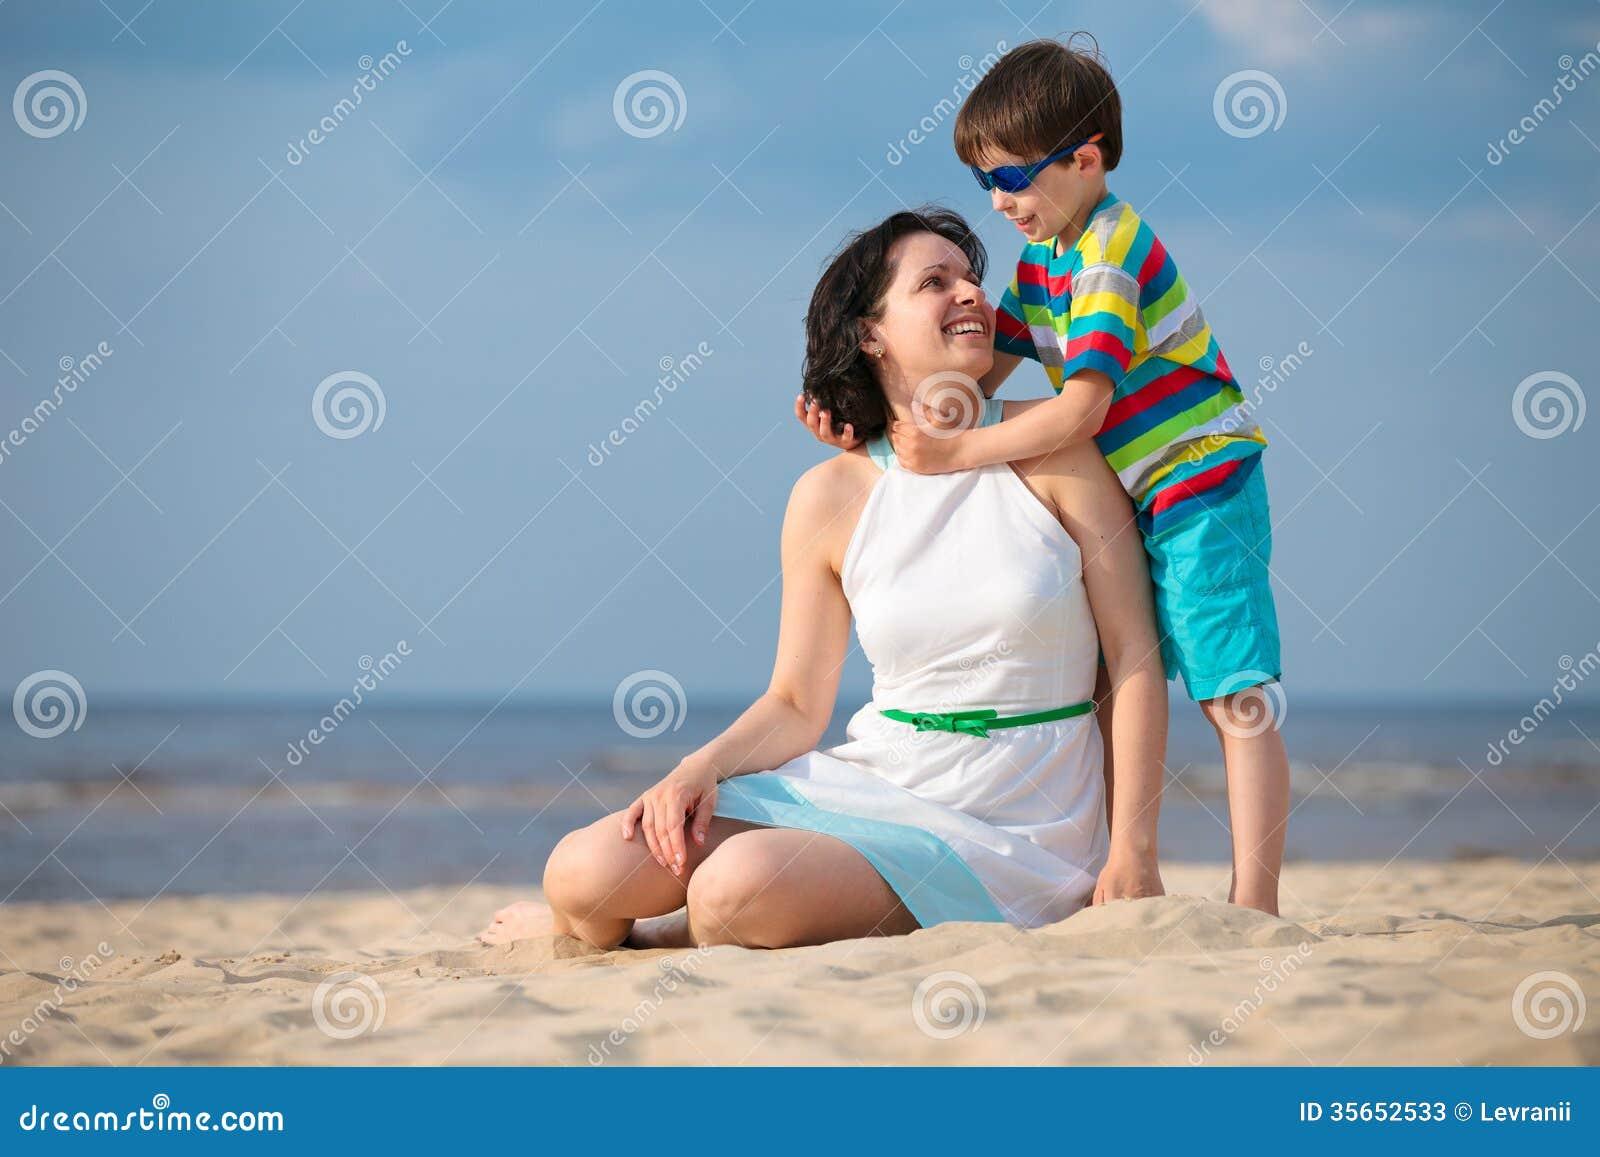 Нудисты сын и мать фото